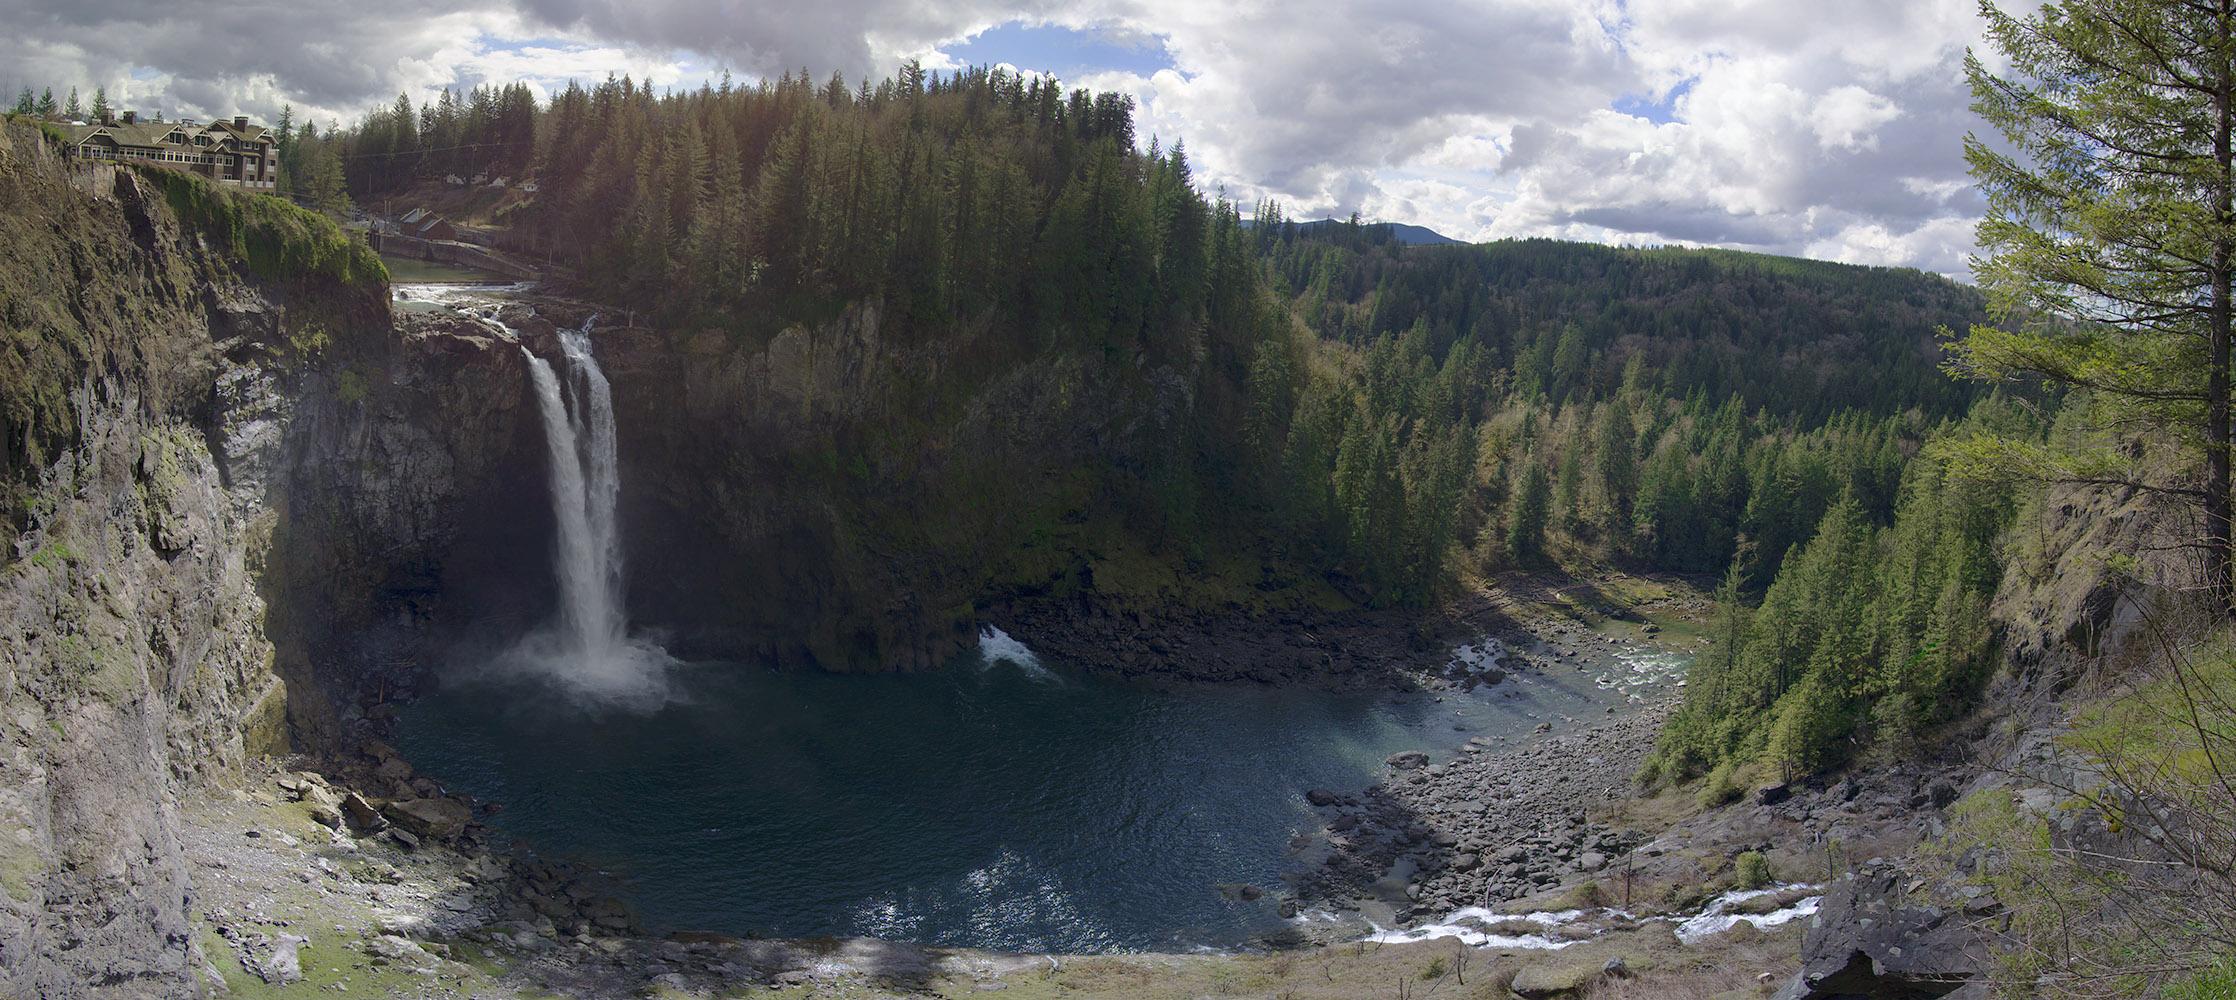 Snoqualmie_Panorama1.jpg